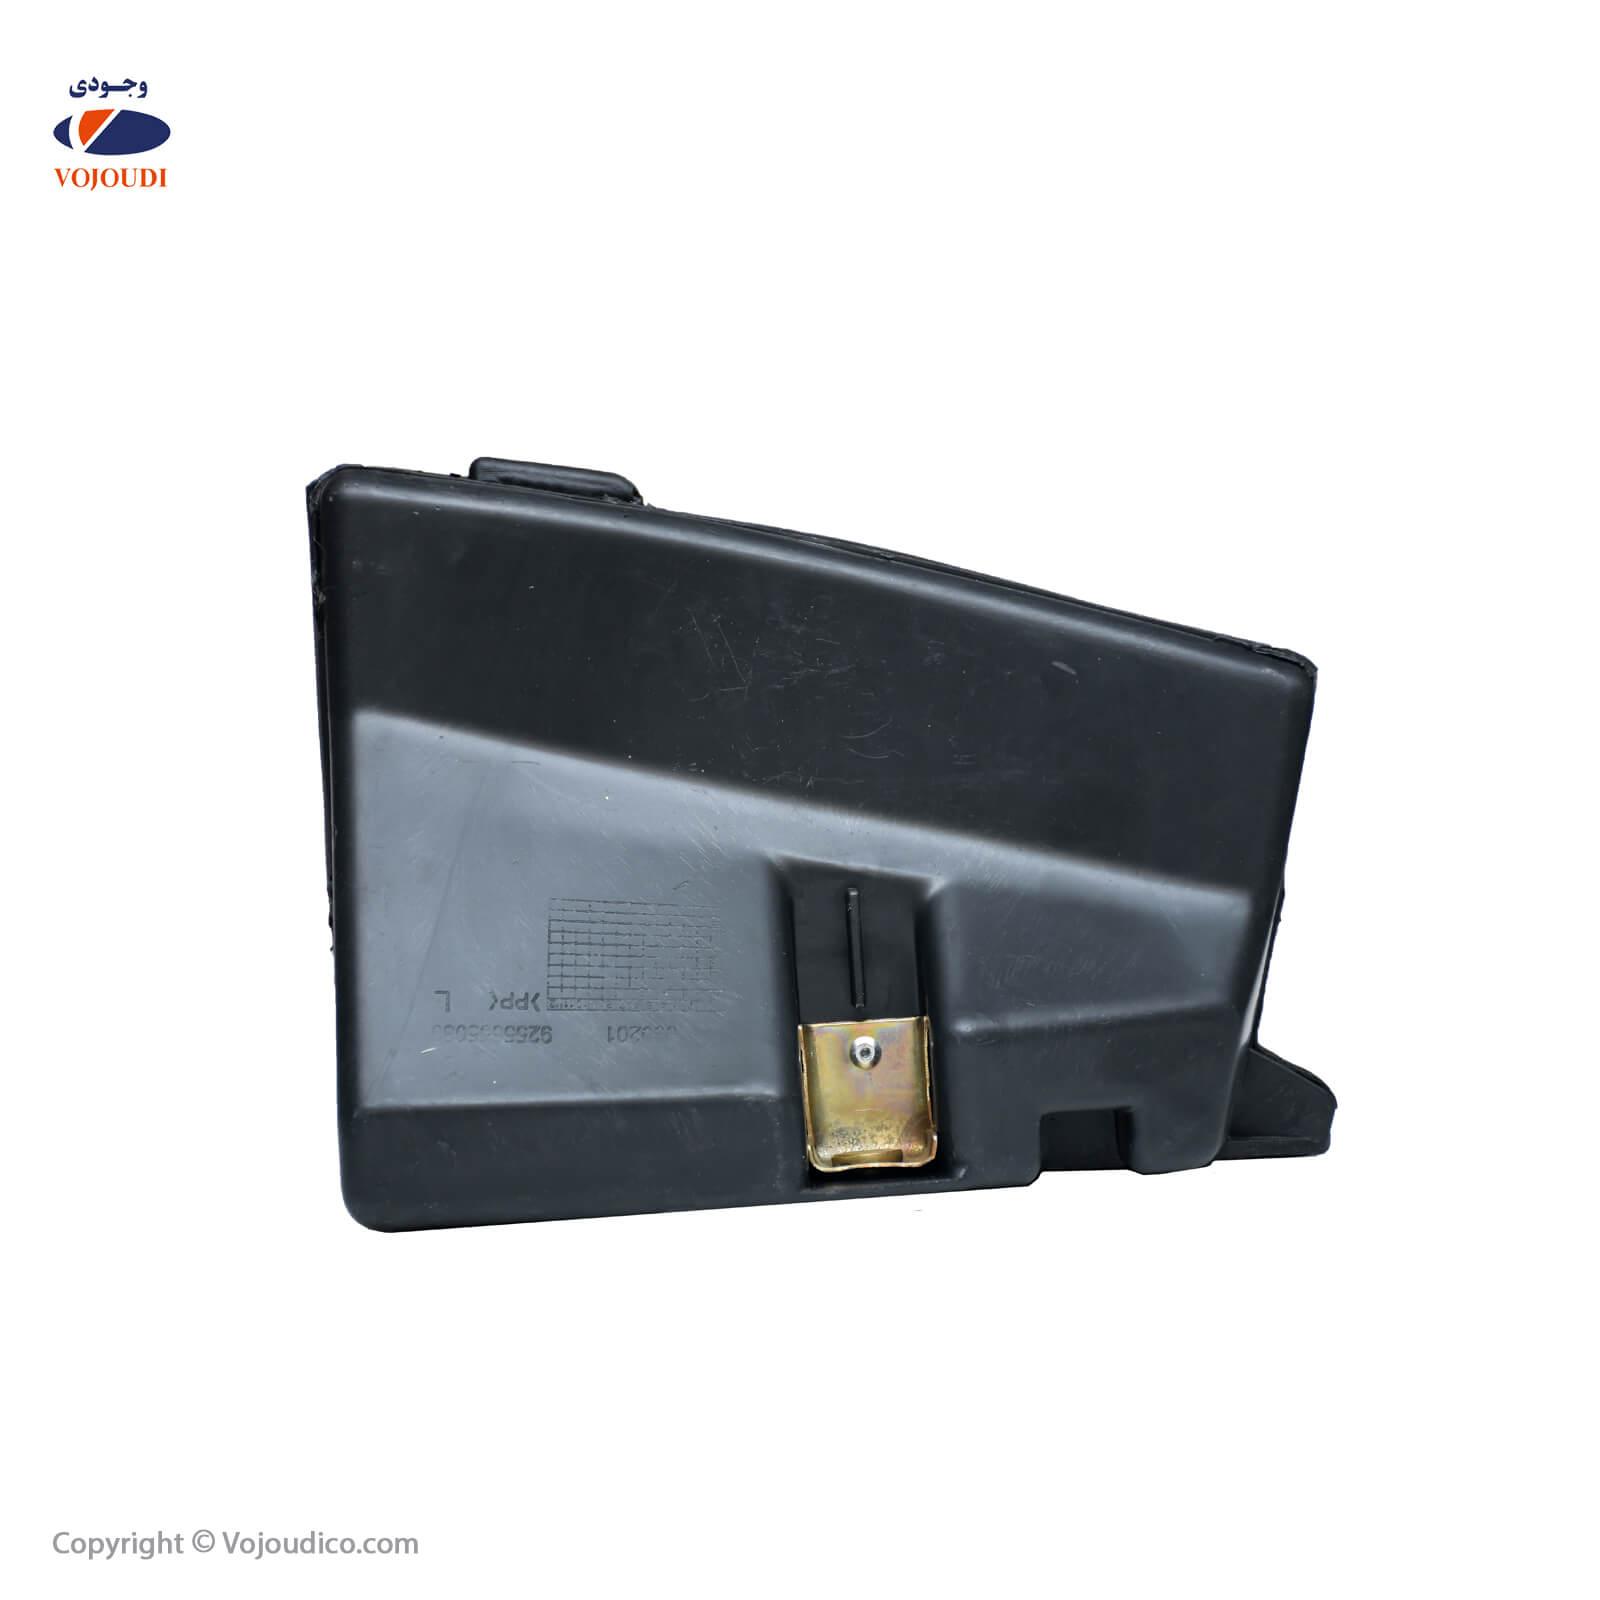 3150 1 - دياق پلاستیکی زير سپر سمت چپ وجودی کد 3150 مناسب برای 405